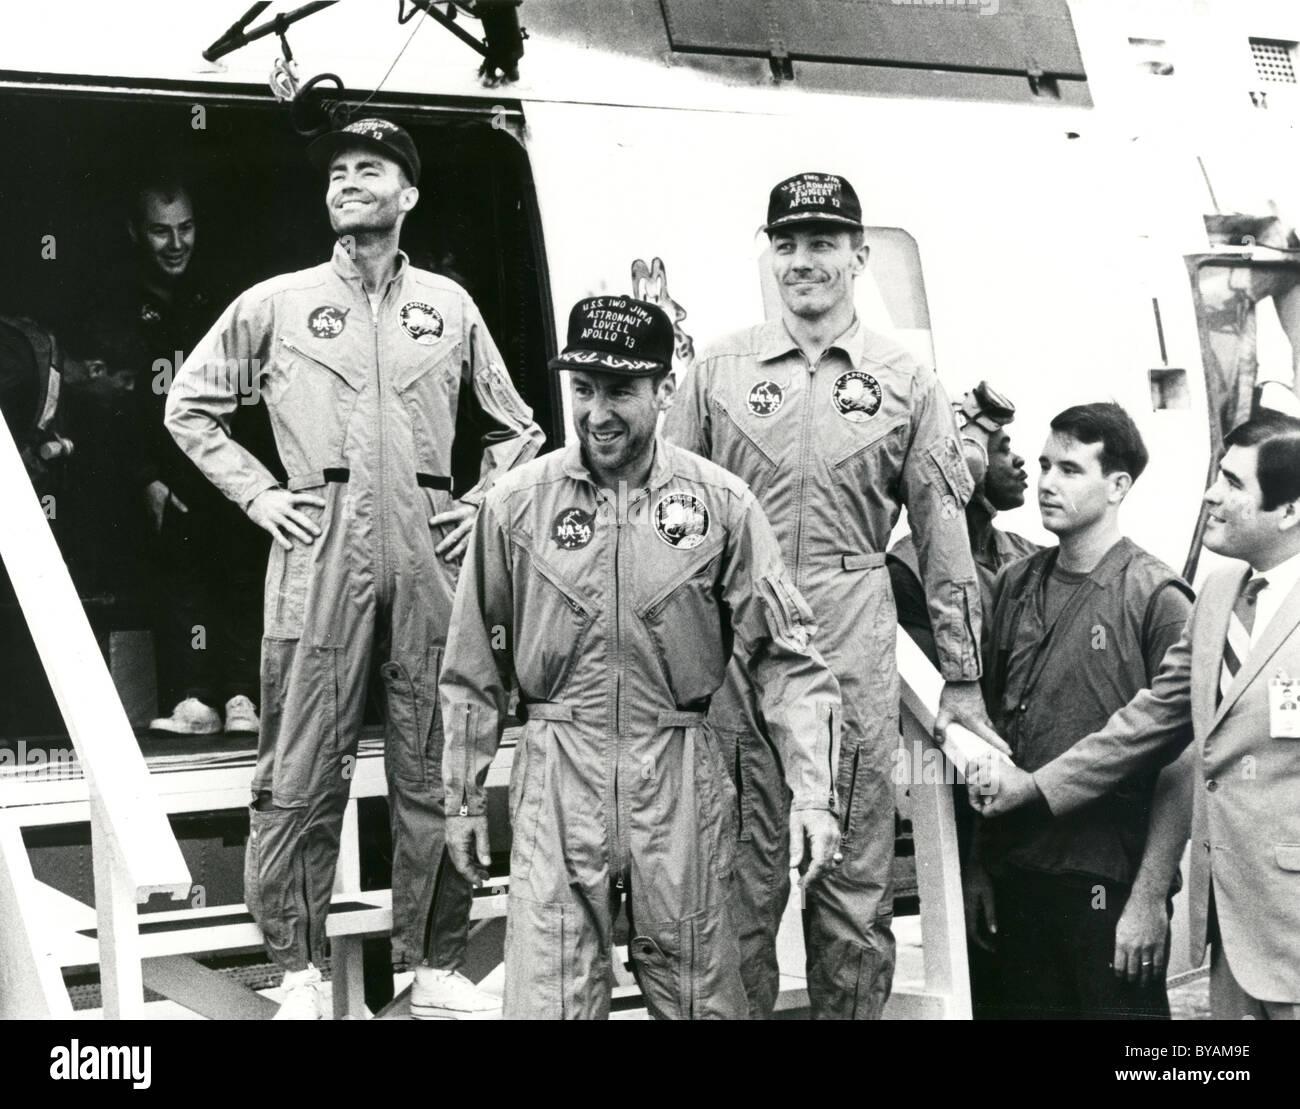 Apolo 13 Fred. W. Haise, James A. Lovell Jr. y John L. Swigert Jr. tras su regreso a la tierra. Imagen De Stock